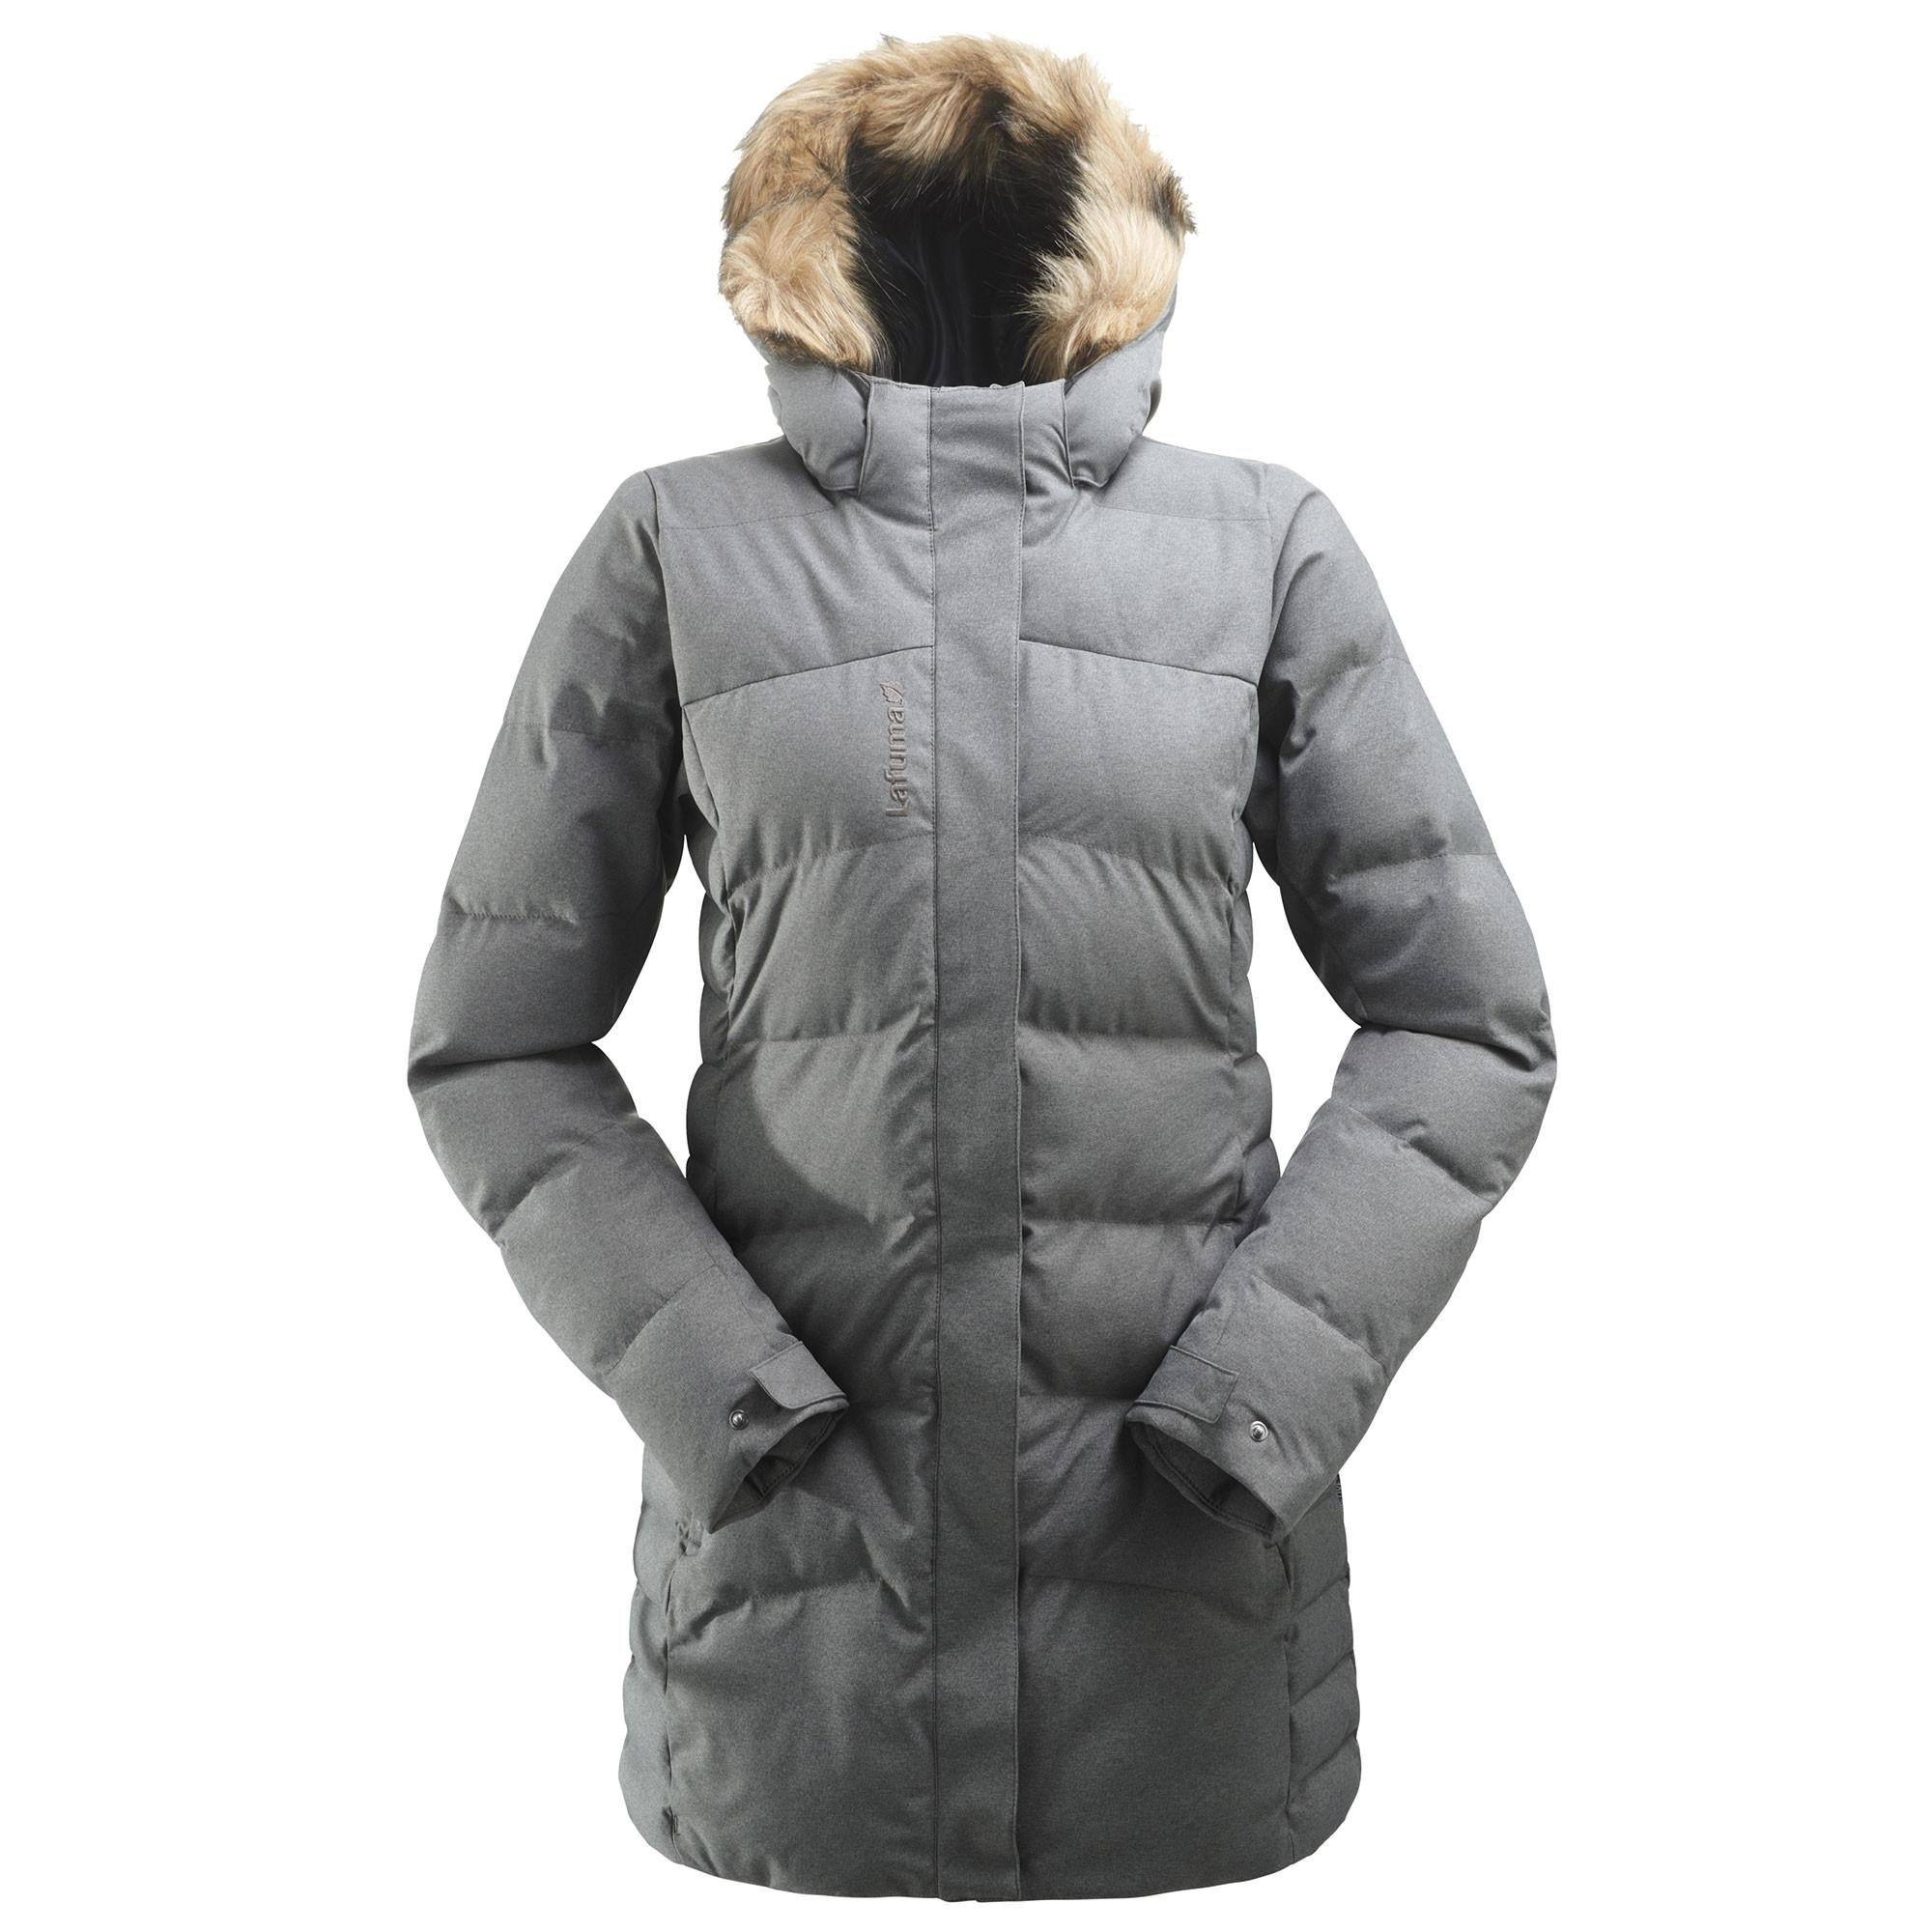 Gris Femme Gratuite Livraison Ld Hudson Coat Veste Lafuma qIC77